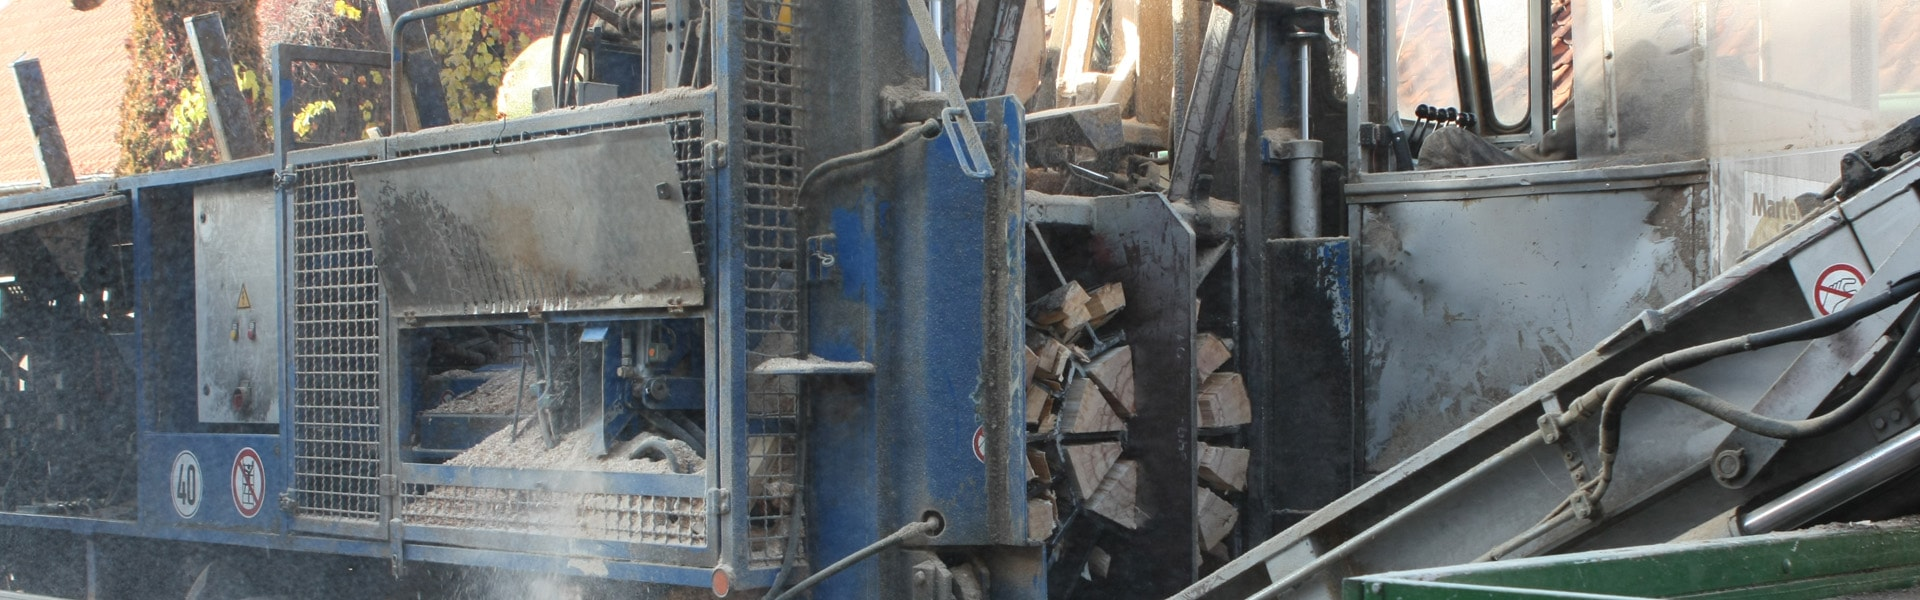 Spaltautomat - sägen und spalten von Brennholz in einem Arbeitsschritt